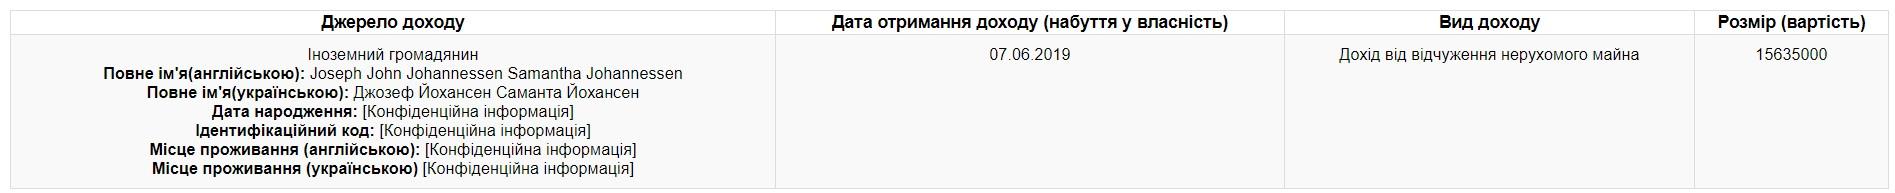 Соболев продал недвижимость иностранке за 15,5 миллионов гривен.